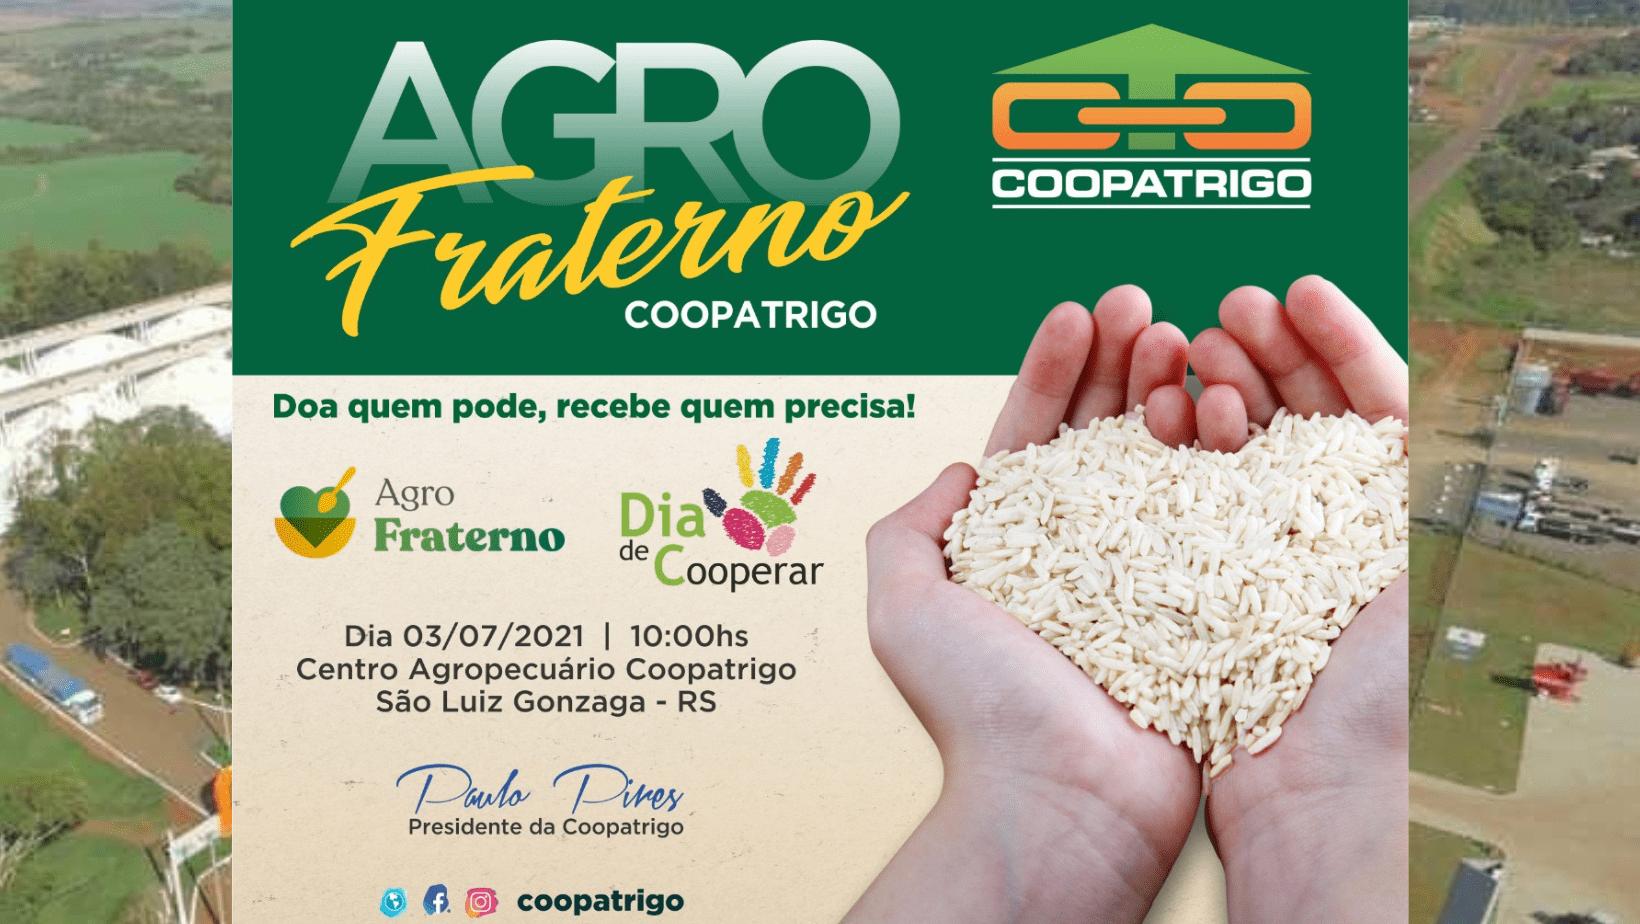 Coopatrigo celebra o Dia de Cooperar neste sábado com a divulgação das arrecadações do Agro Fraterno